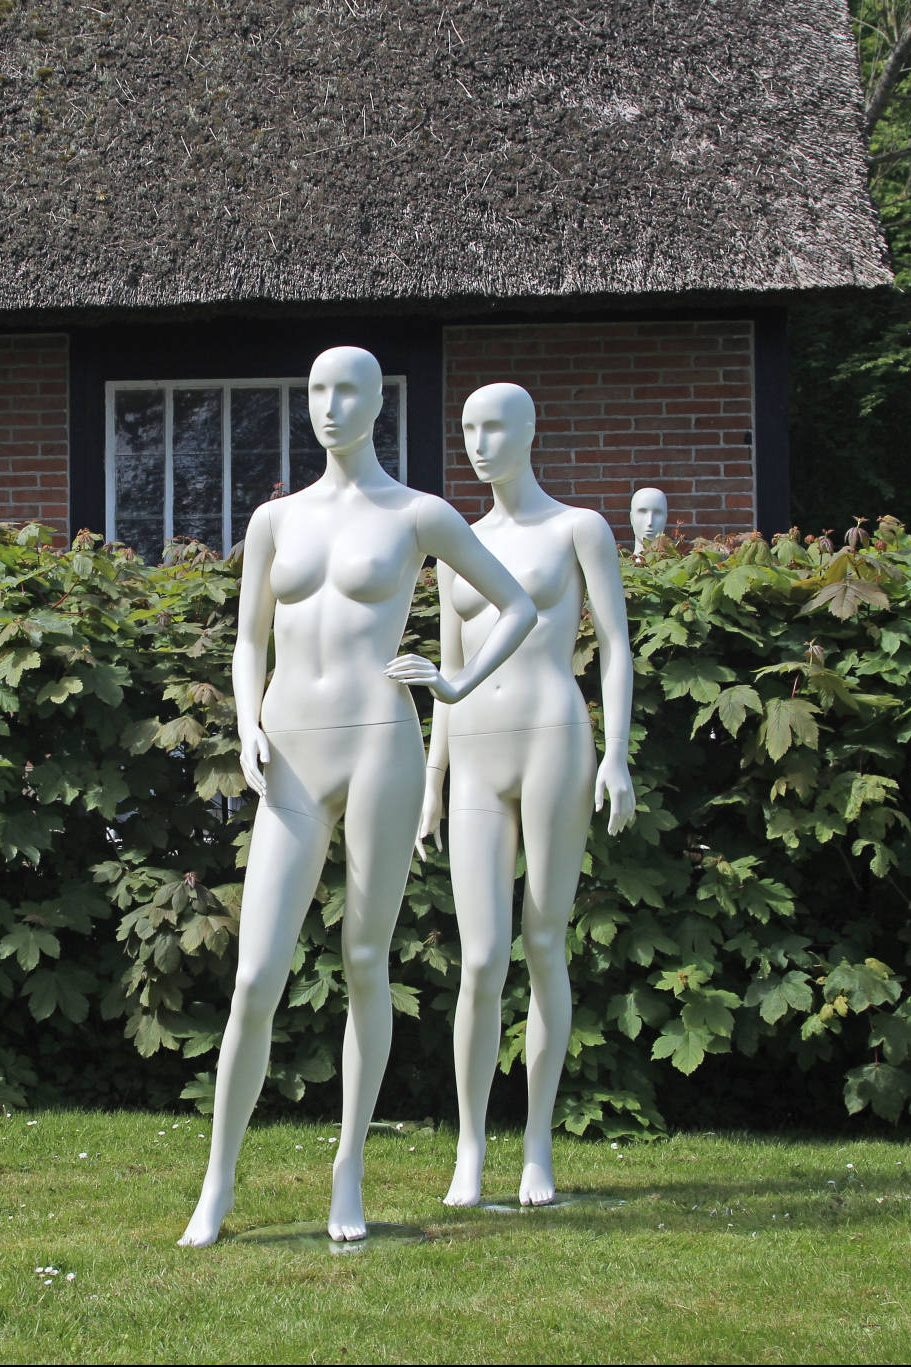 Abstrakte Naomi kollektion - weibliche Schaufensterfiguren. 6 verschiedene Positionen. Größe 38. Auch in vielen anderen Farben erhältlich